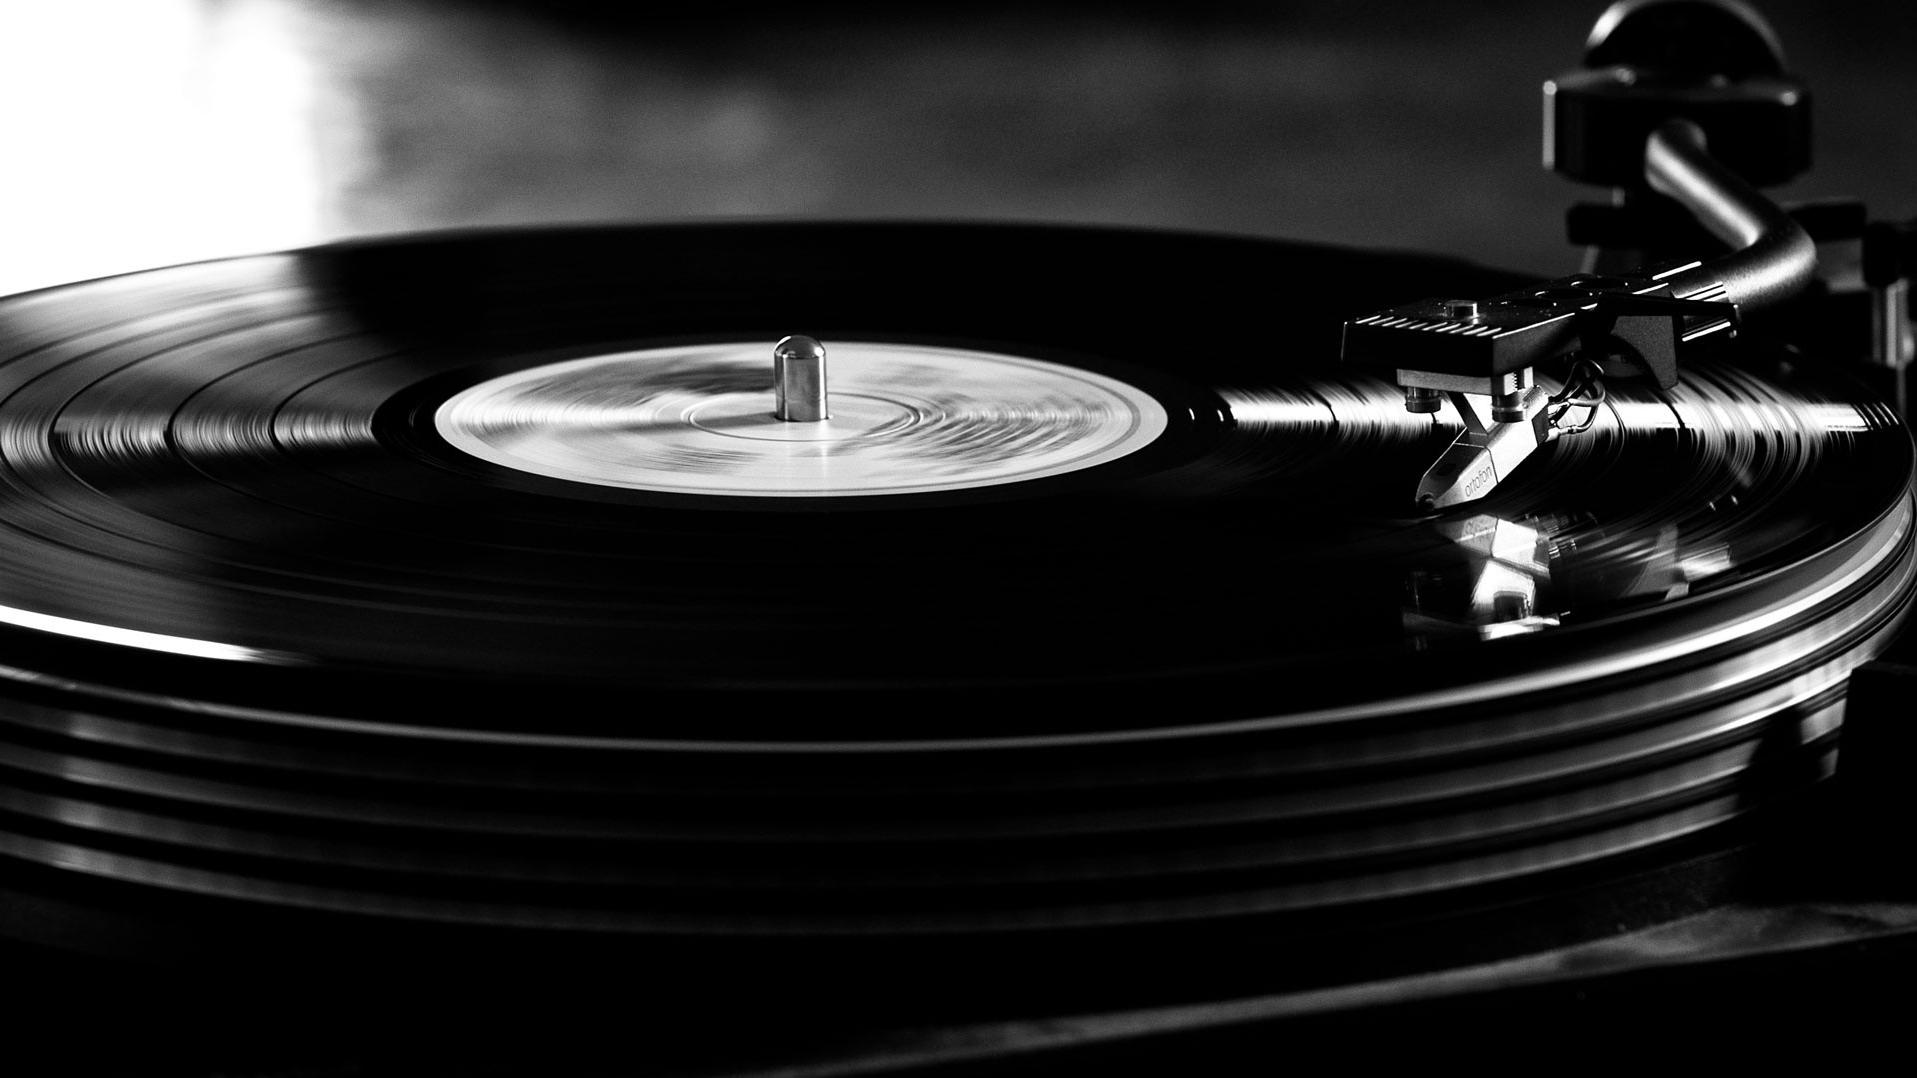 vinyle-beat-a_-lair-1518257650.jpeg